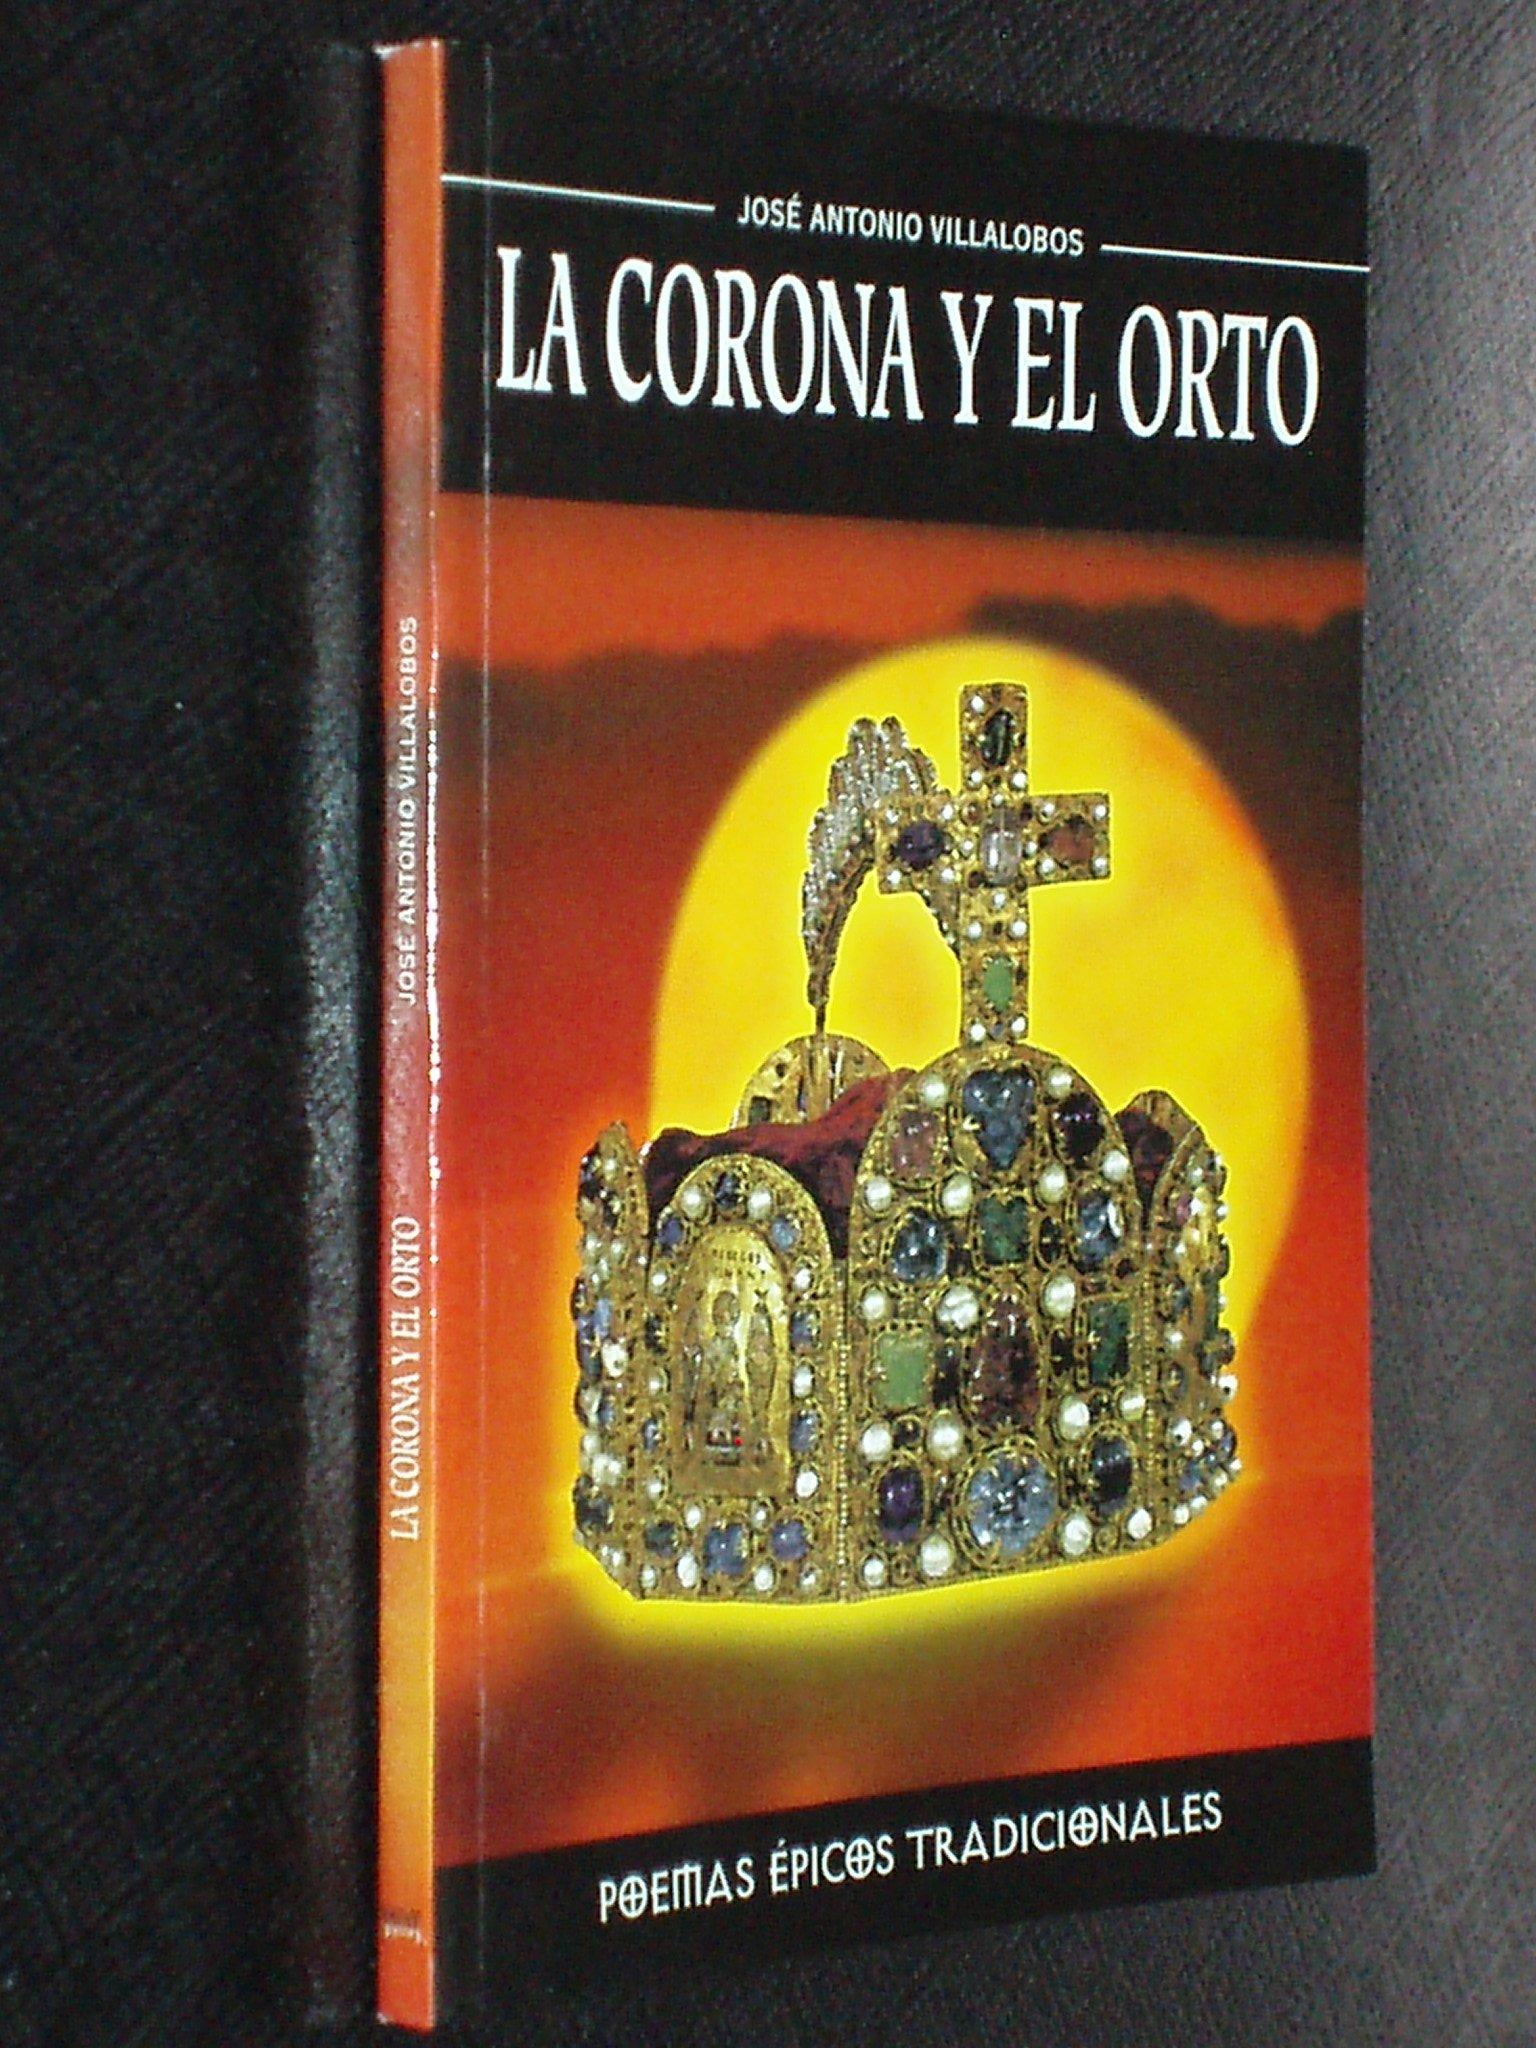 La Corona Y El Orto. Poemas Épicos Tradicionales: Amazon.es: Villalobos, José Antonio: Libros